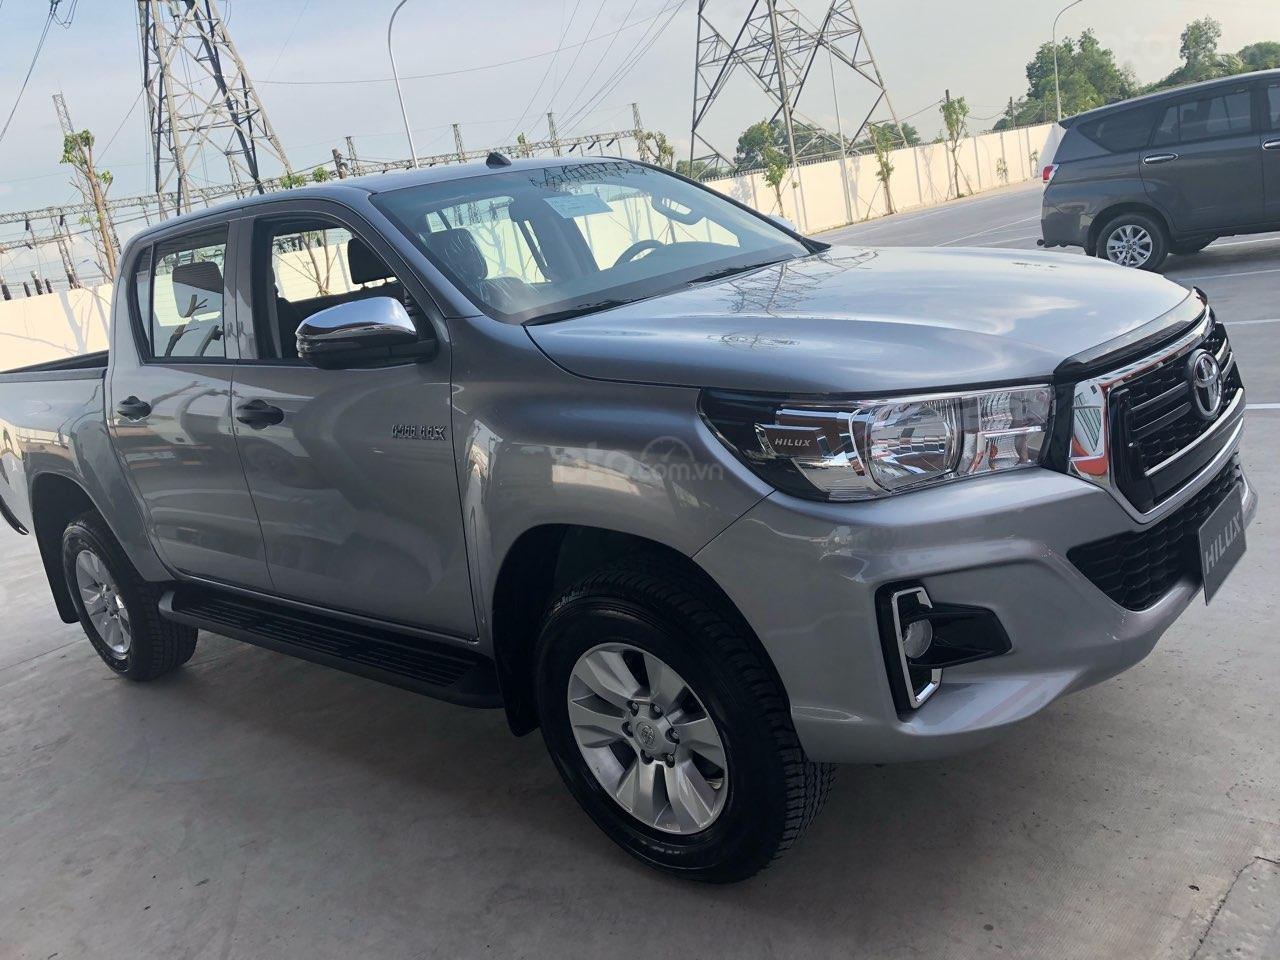 Bán Toyota Hilux 2.4MT, 2.4AT, 2.8AT khuyến mãi tiền mặt, tặng phụ kiện- xe giao ngay toàn quốc (2)